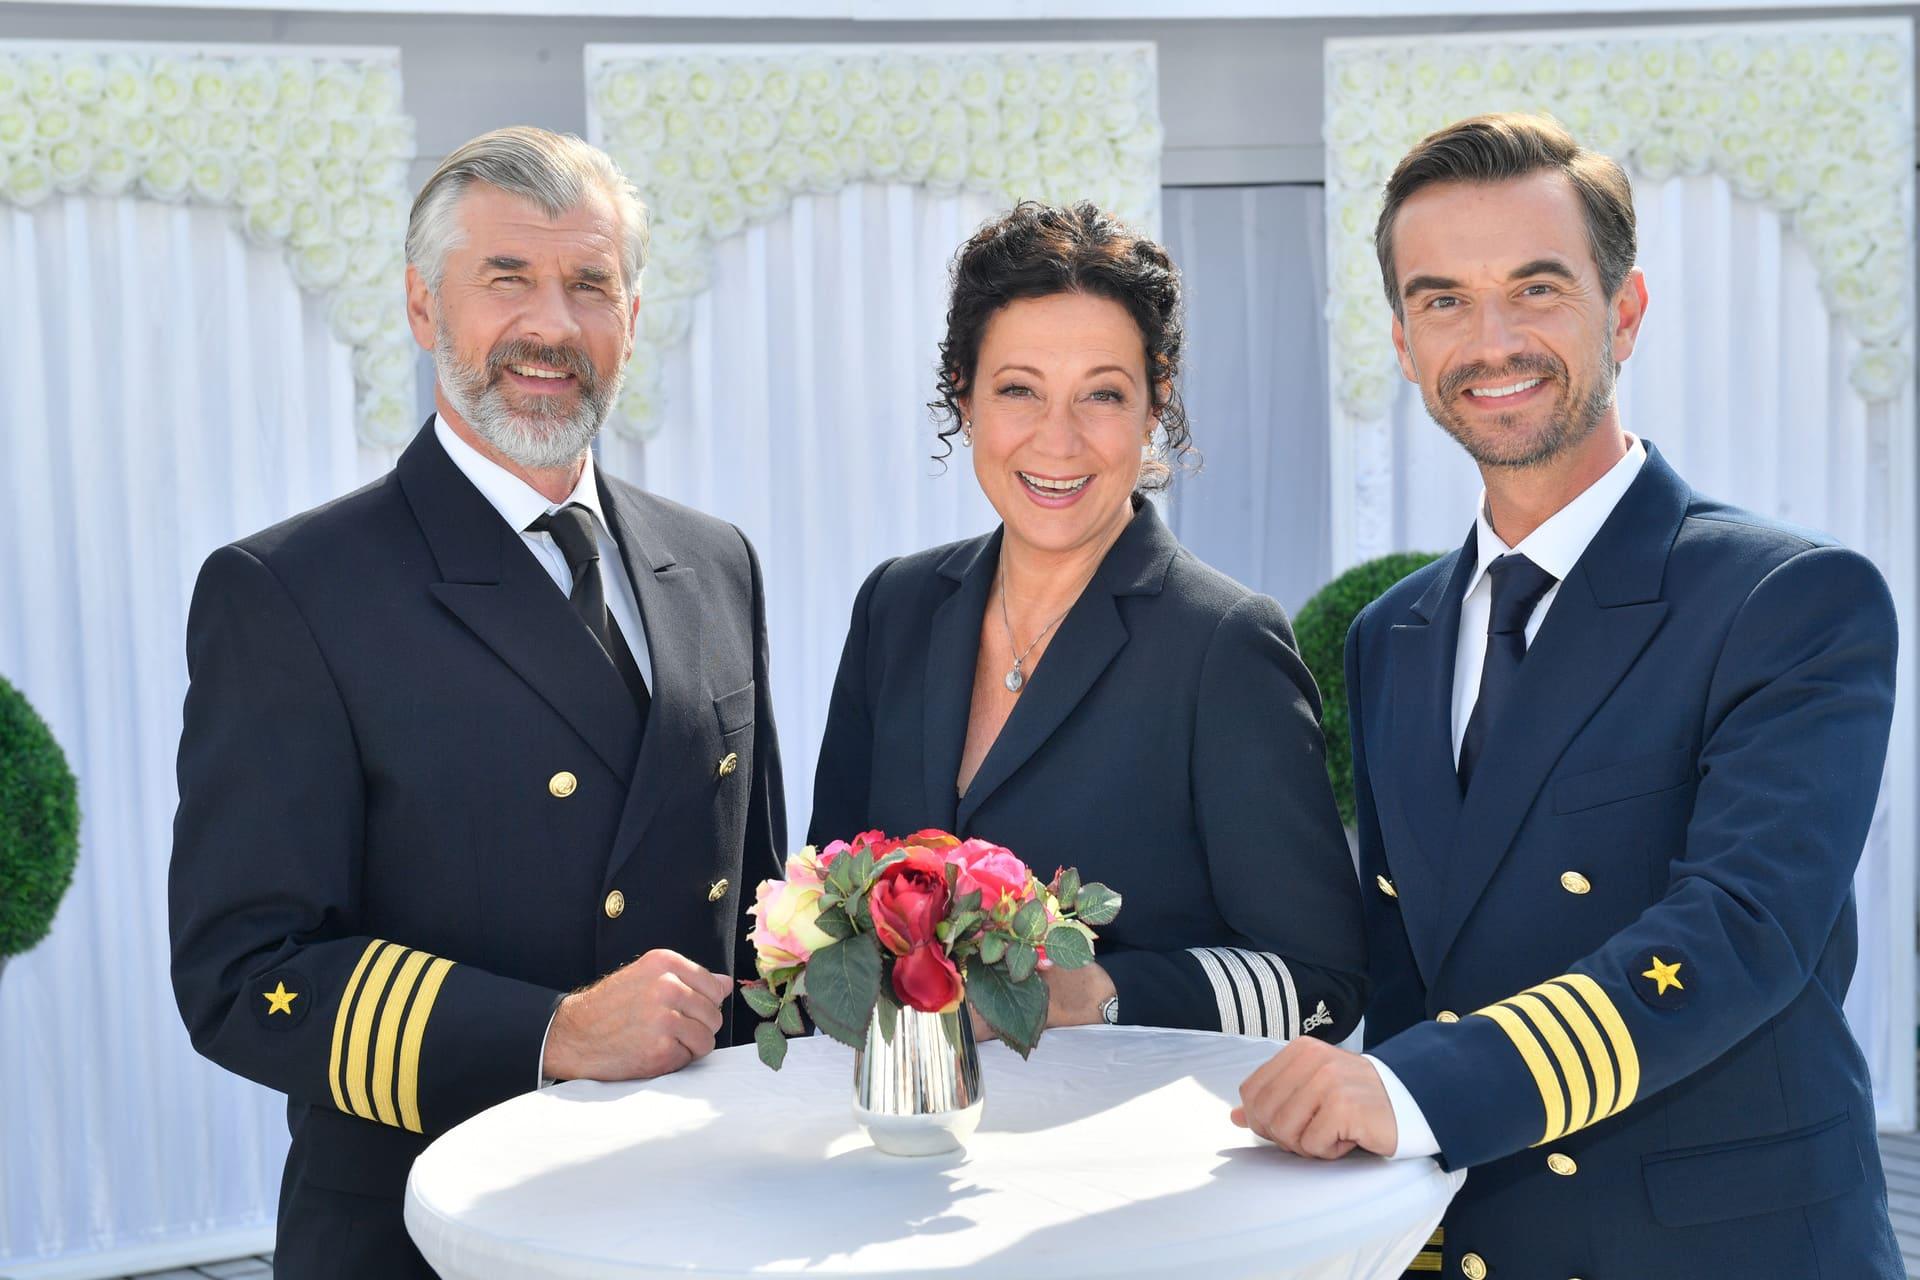 Kreuzfahrt-ins-Gl-ck-Hochzeitsreise-an-die-Ostsee-am-26-12-im-ZDF-